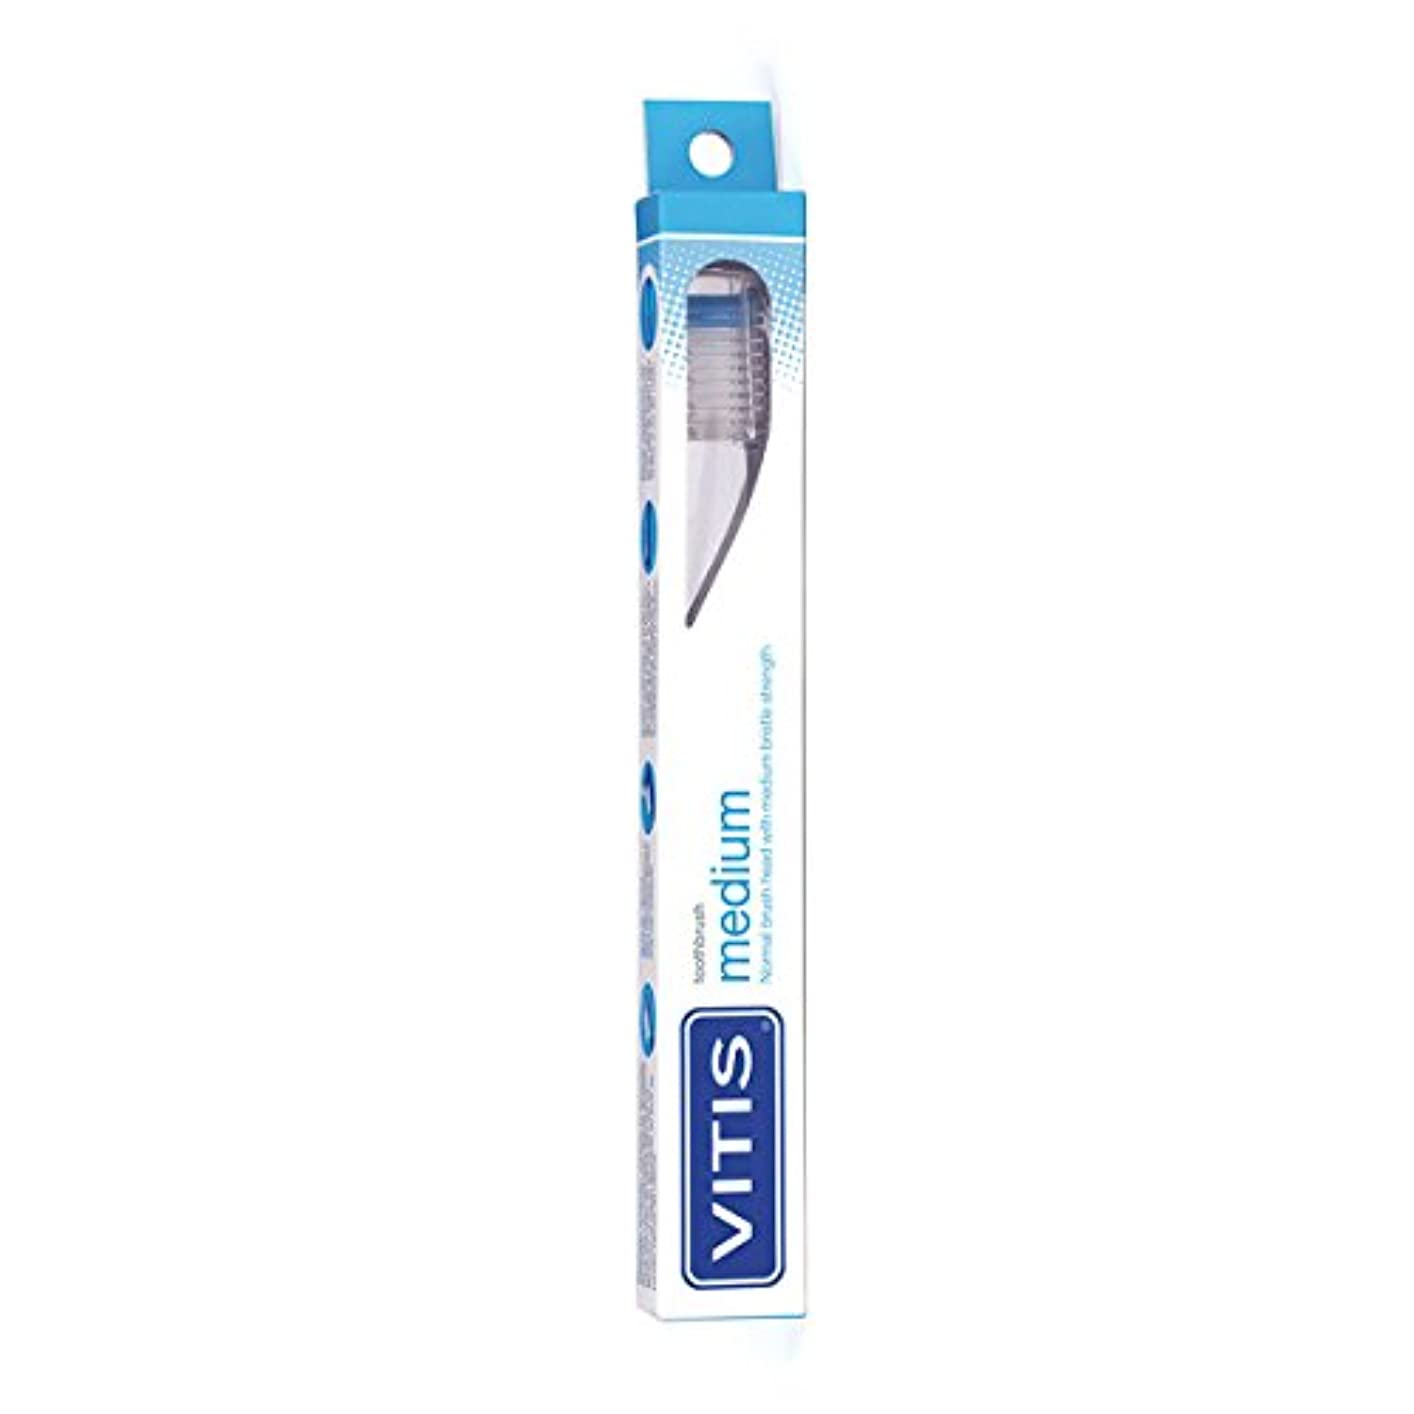 否認するスタジオヒューバートハドソンVitis Medium Toothbrush [並行輸入品]